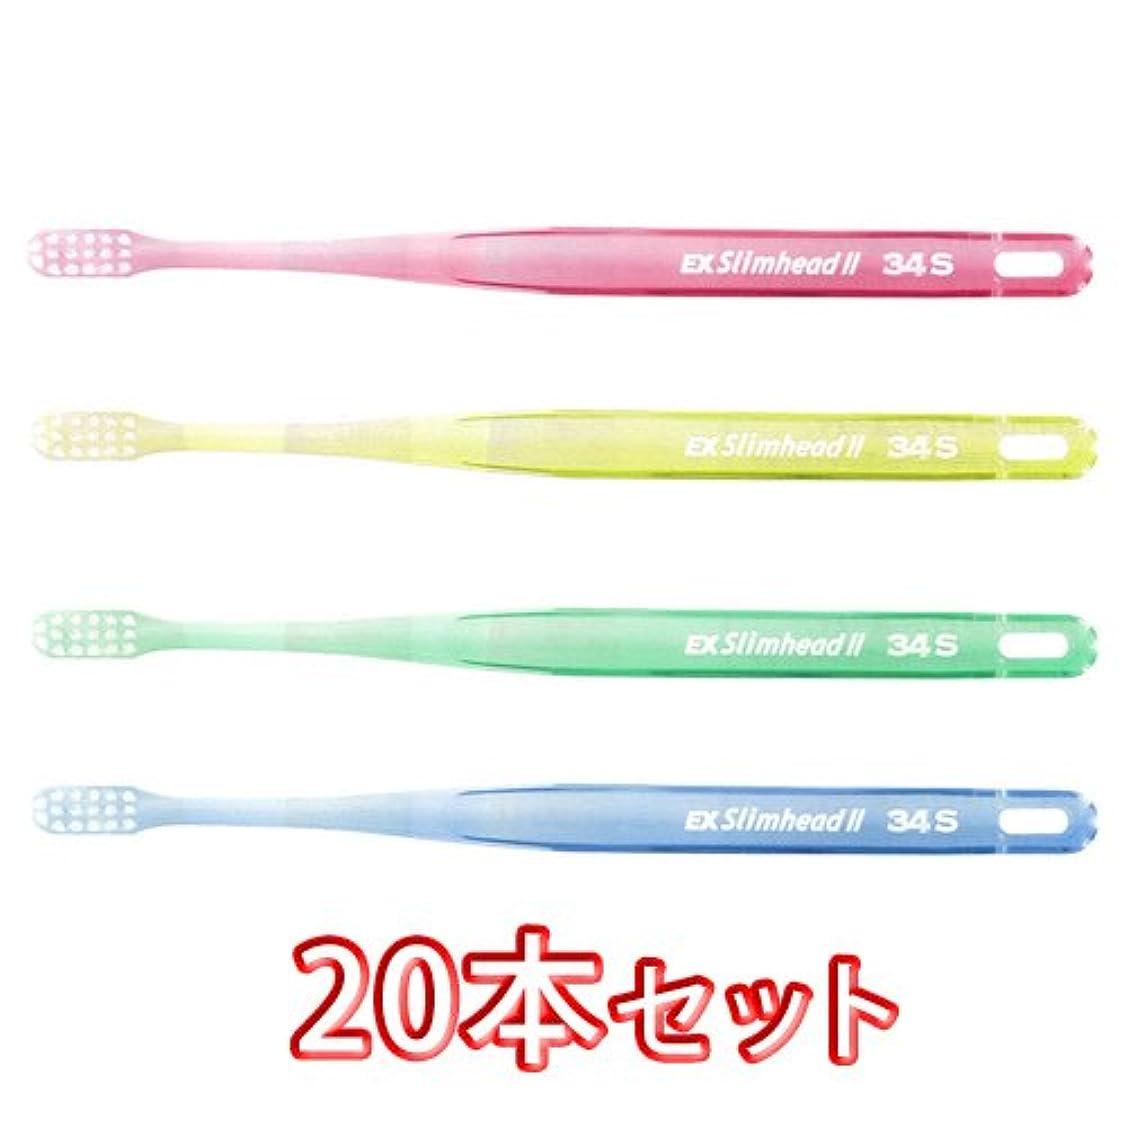 シェル動作汚れるライオン スリムヘッド2 歯ブラシ DENT . EX Slimhead2 20本入 (34S)